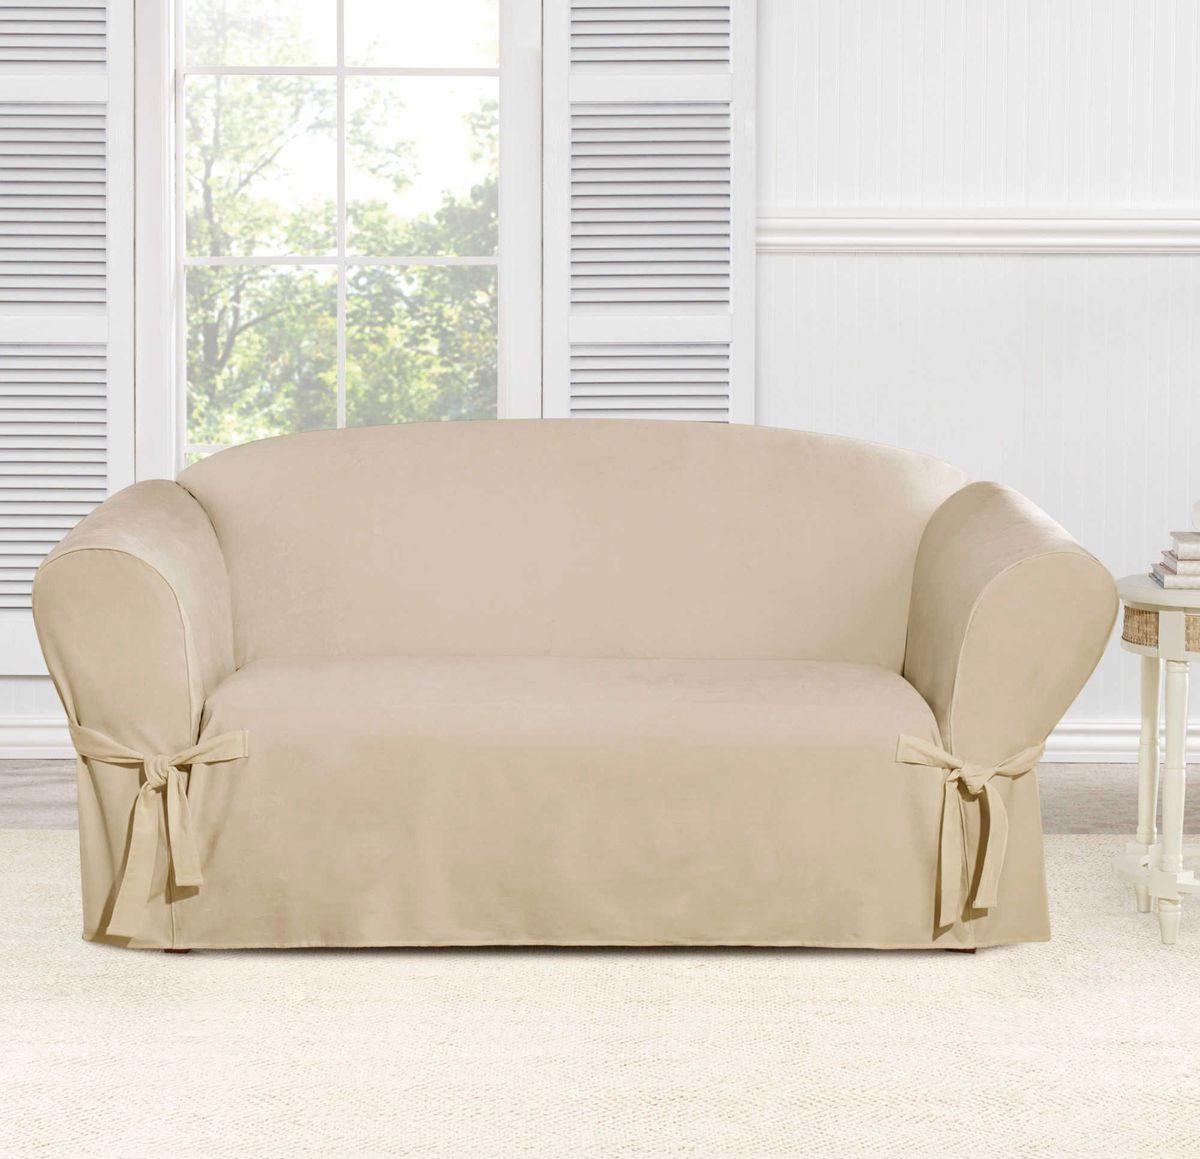 Чехол на трехместный диван Медежда Брайтон, цвет: бежевый1403011203000Чехол на трехместный диван Медежда Брайтон изготовлен из 60% хлопка и 40% полиэстера. Чехол не эластичен, но хорошо принимает форму дивана. Подходит для диванов с шириной спинки от 185 до 235 см. Благодаря классической однотонной расцветке чехол легко гармонирует почти со всеми палитрами цвета и любым типом интерьера. Изделие украсит вашу гостиную и создаст комфорт и уют в доме. Чехол очень удобен и прост в установке. Машинная стирка при температуре 30°С. Чехлы на мебель Медежда универсальны и подходят на большинство моделей мебели. Такова особенность кроя изделий свободного стиля или тянущегося материала стрейч стиля. Основное значение при подборе имеет только ширина спинки.